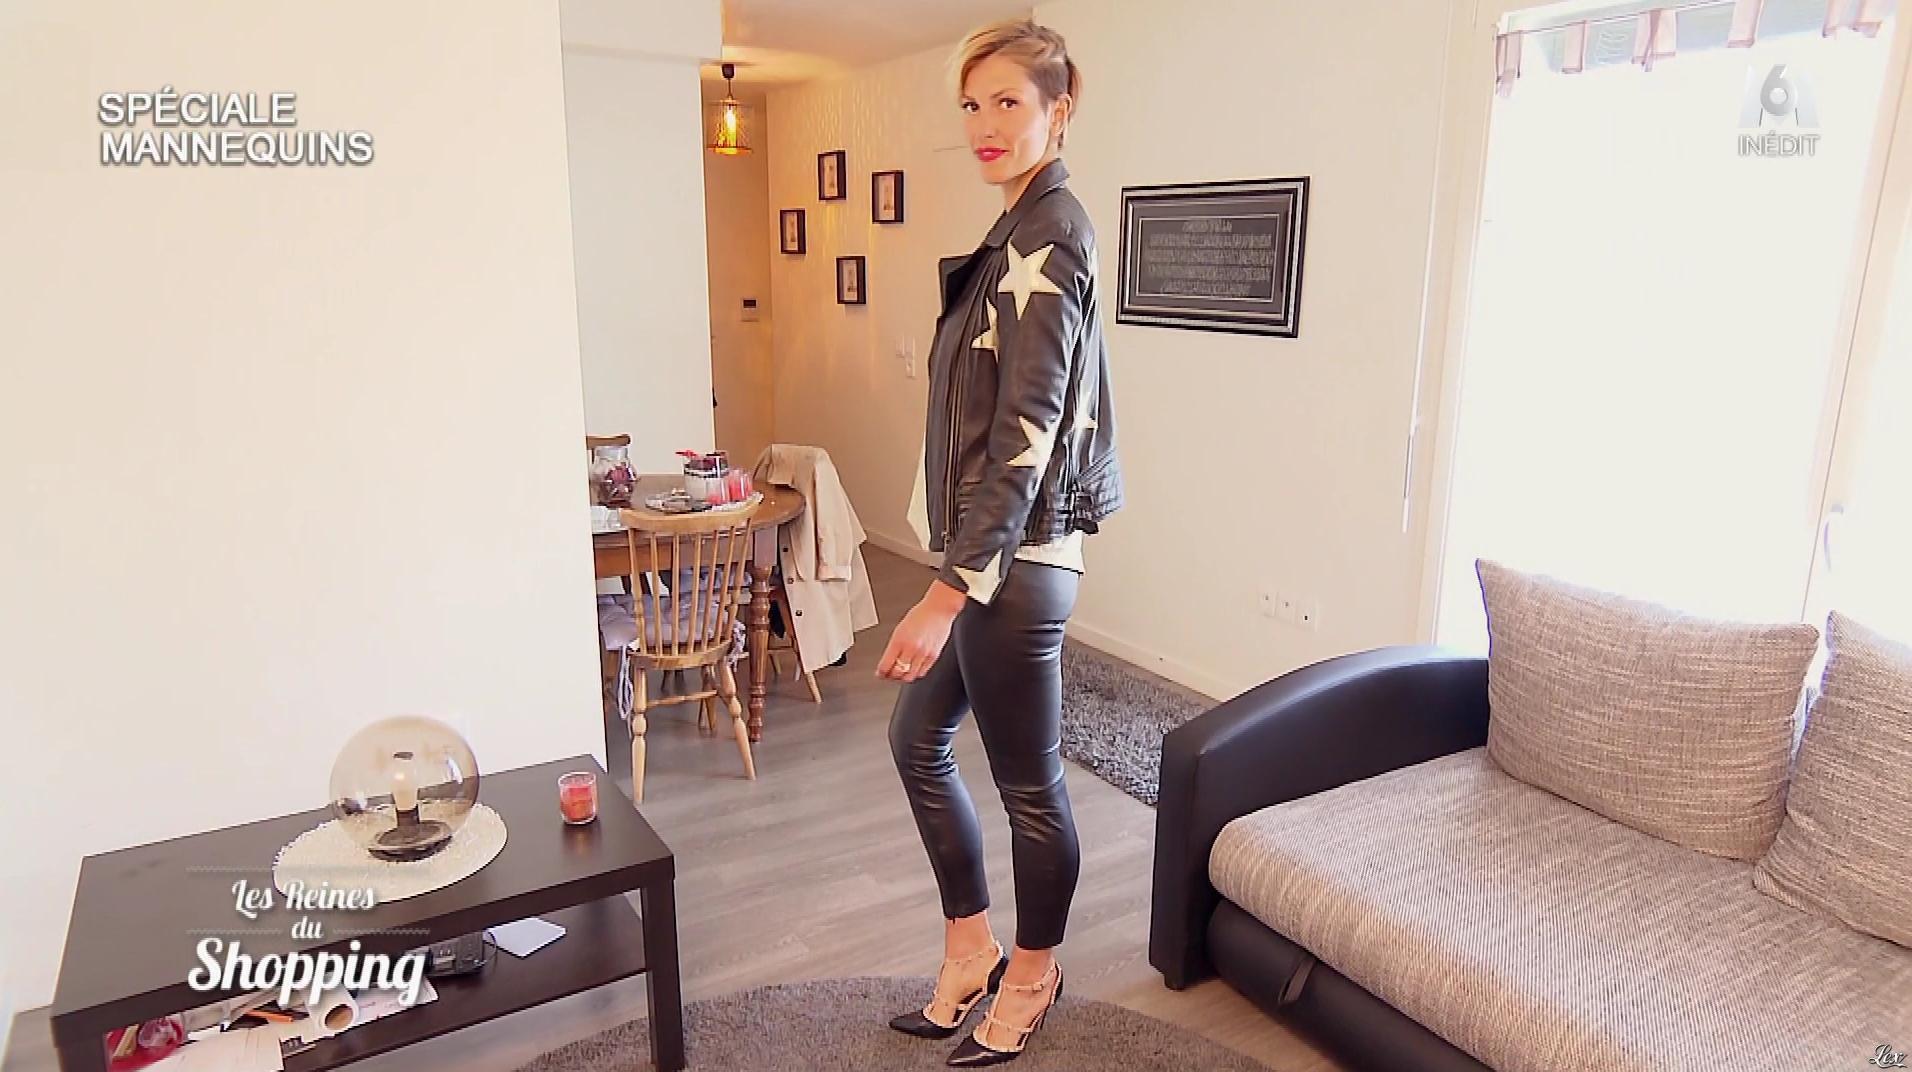 Une Candidate dans les Reines du Shopping. Diffusé à la télévision le 10/09/18.